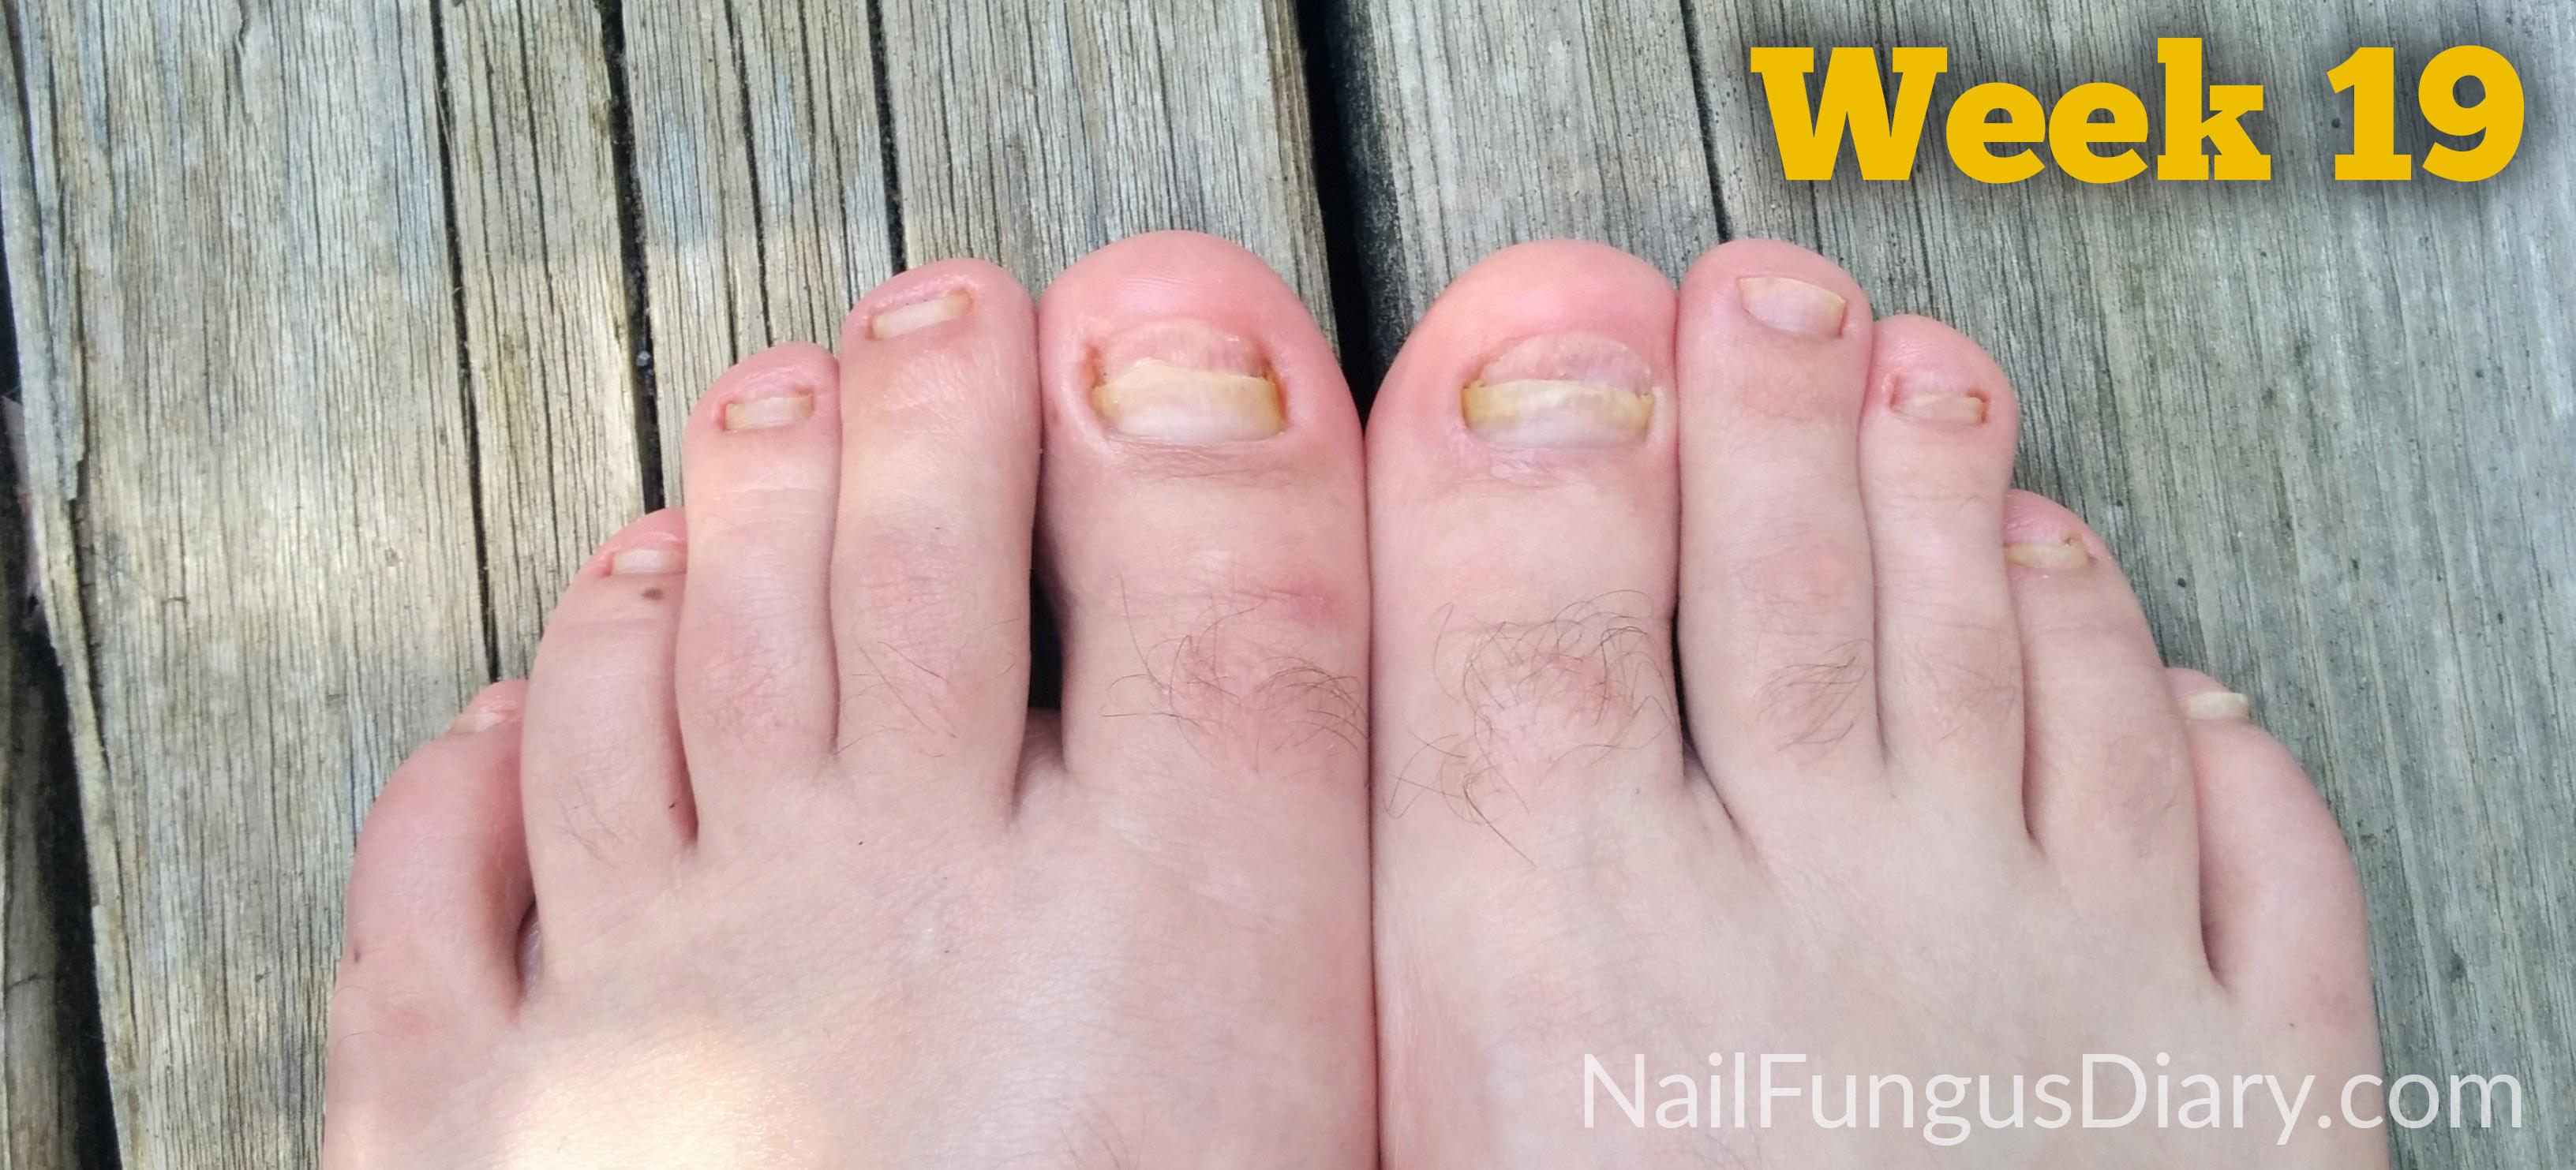 Nail Fungus Update, May 2015 - Nail Fungus Diary